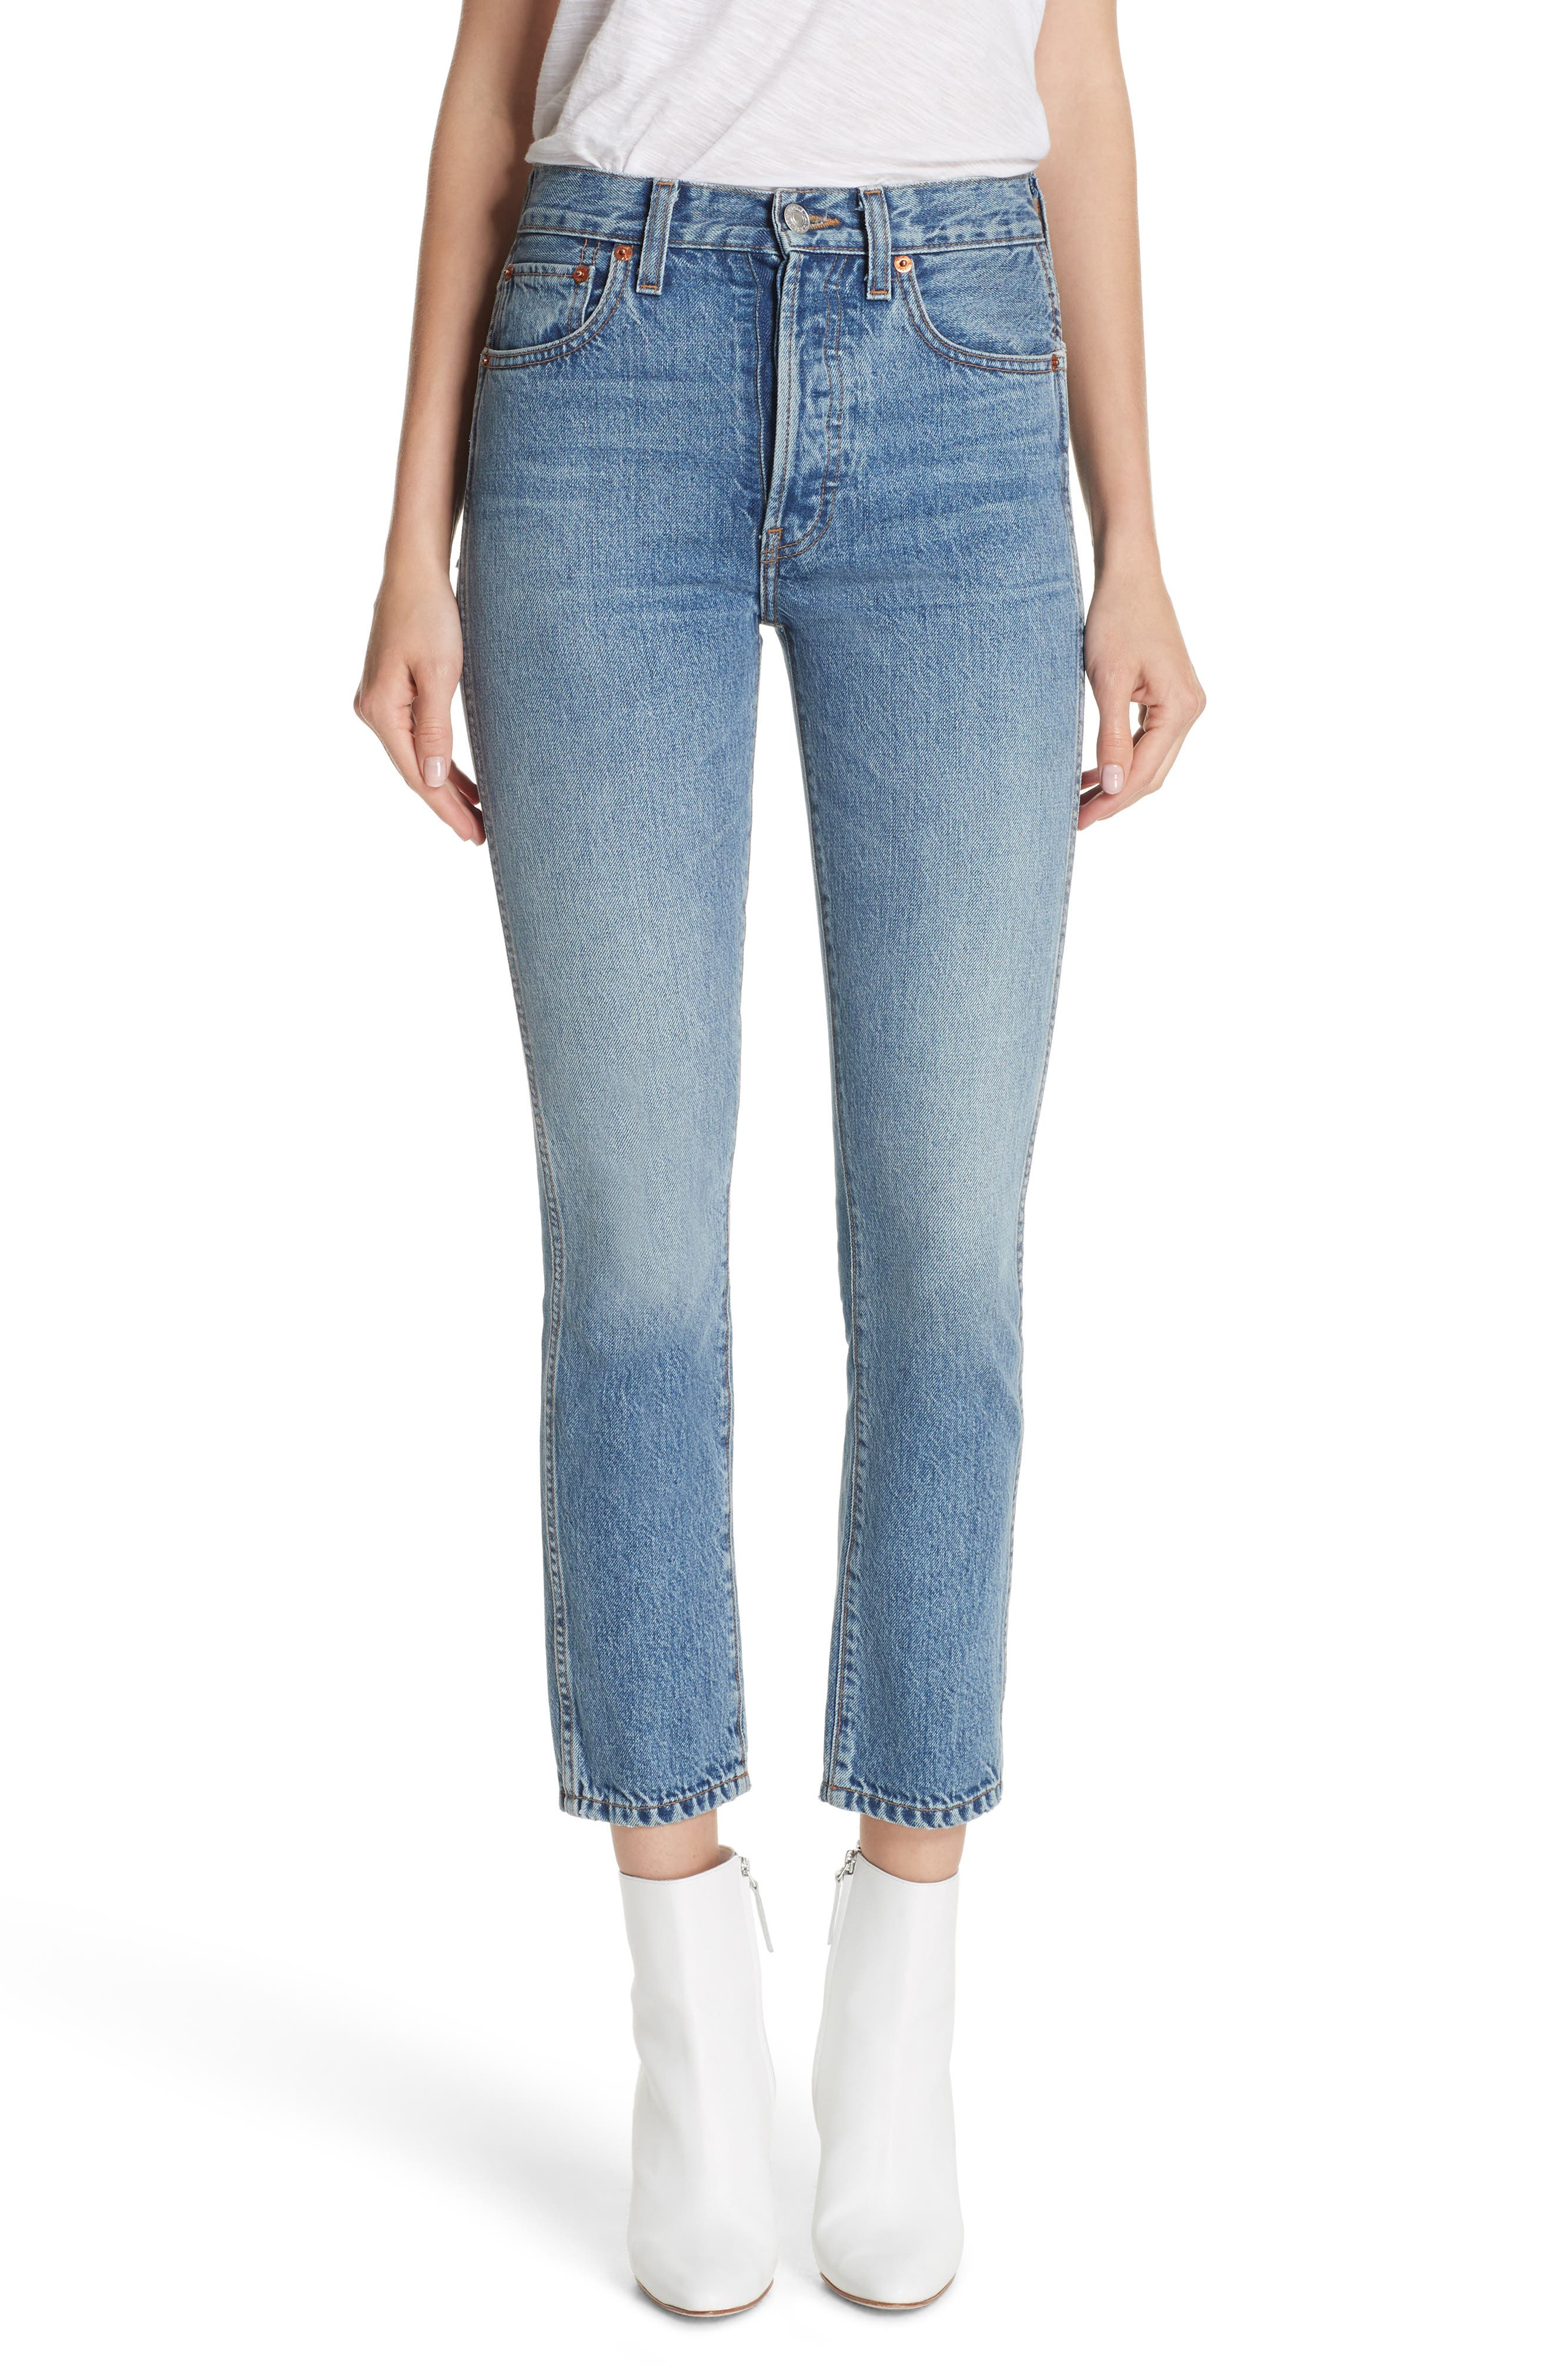 Originals High Waist Double Needle Ankle Jeans,                         Main,                         color, 400